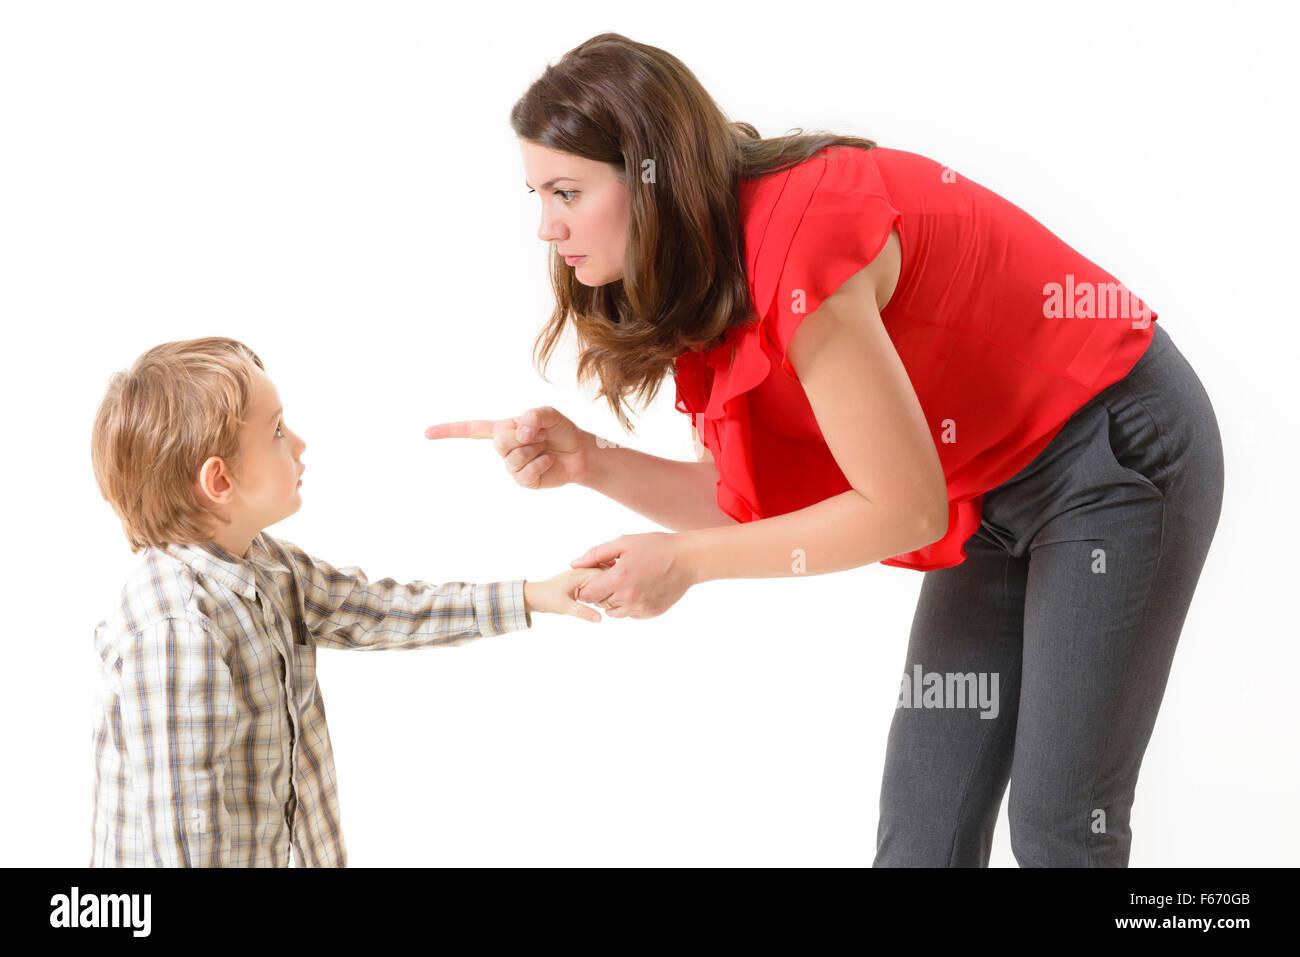 Mutter ihr Kind disziplinieren Stockbild